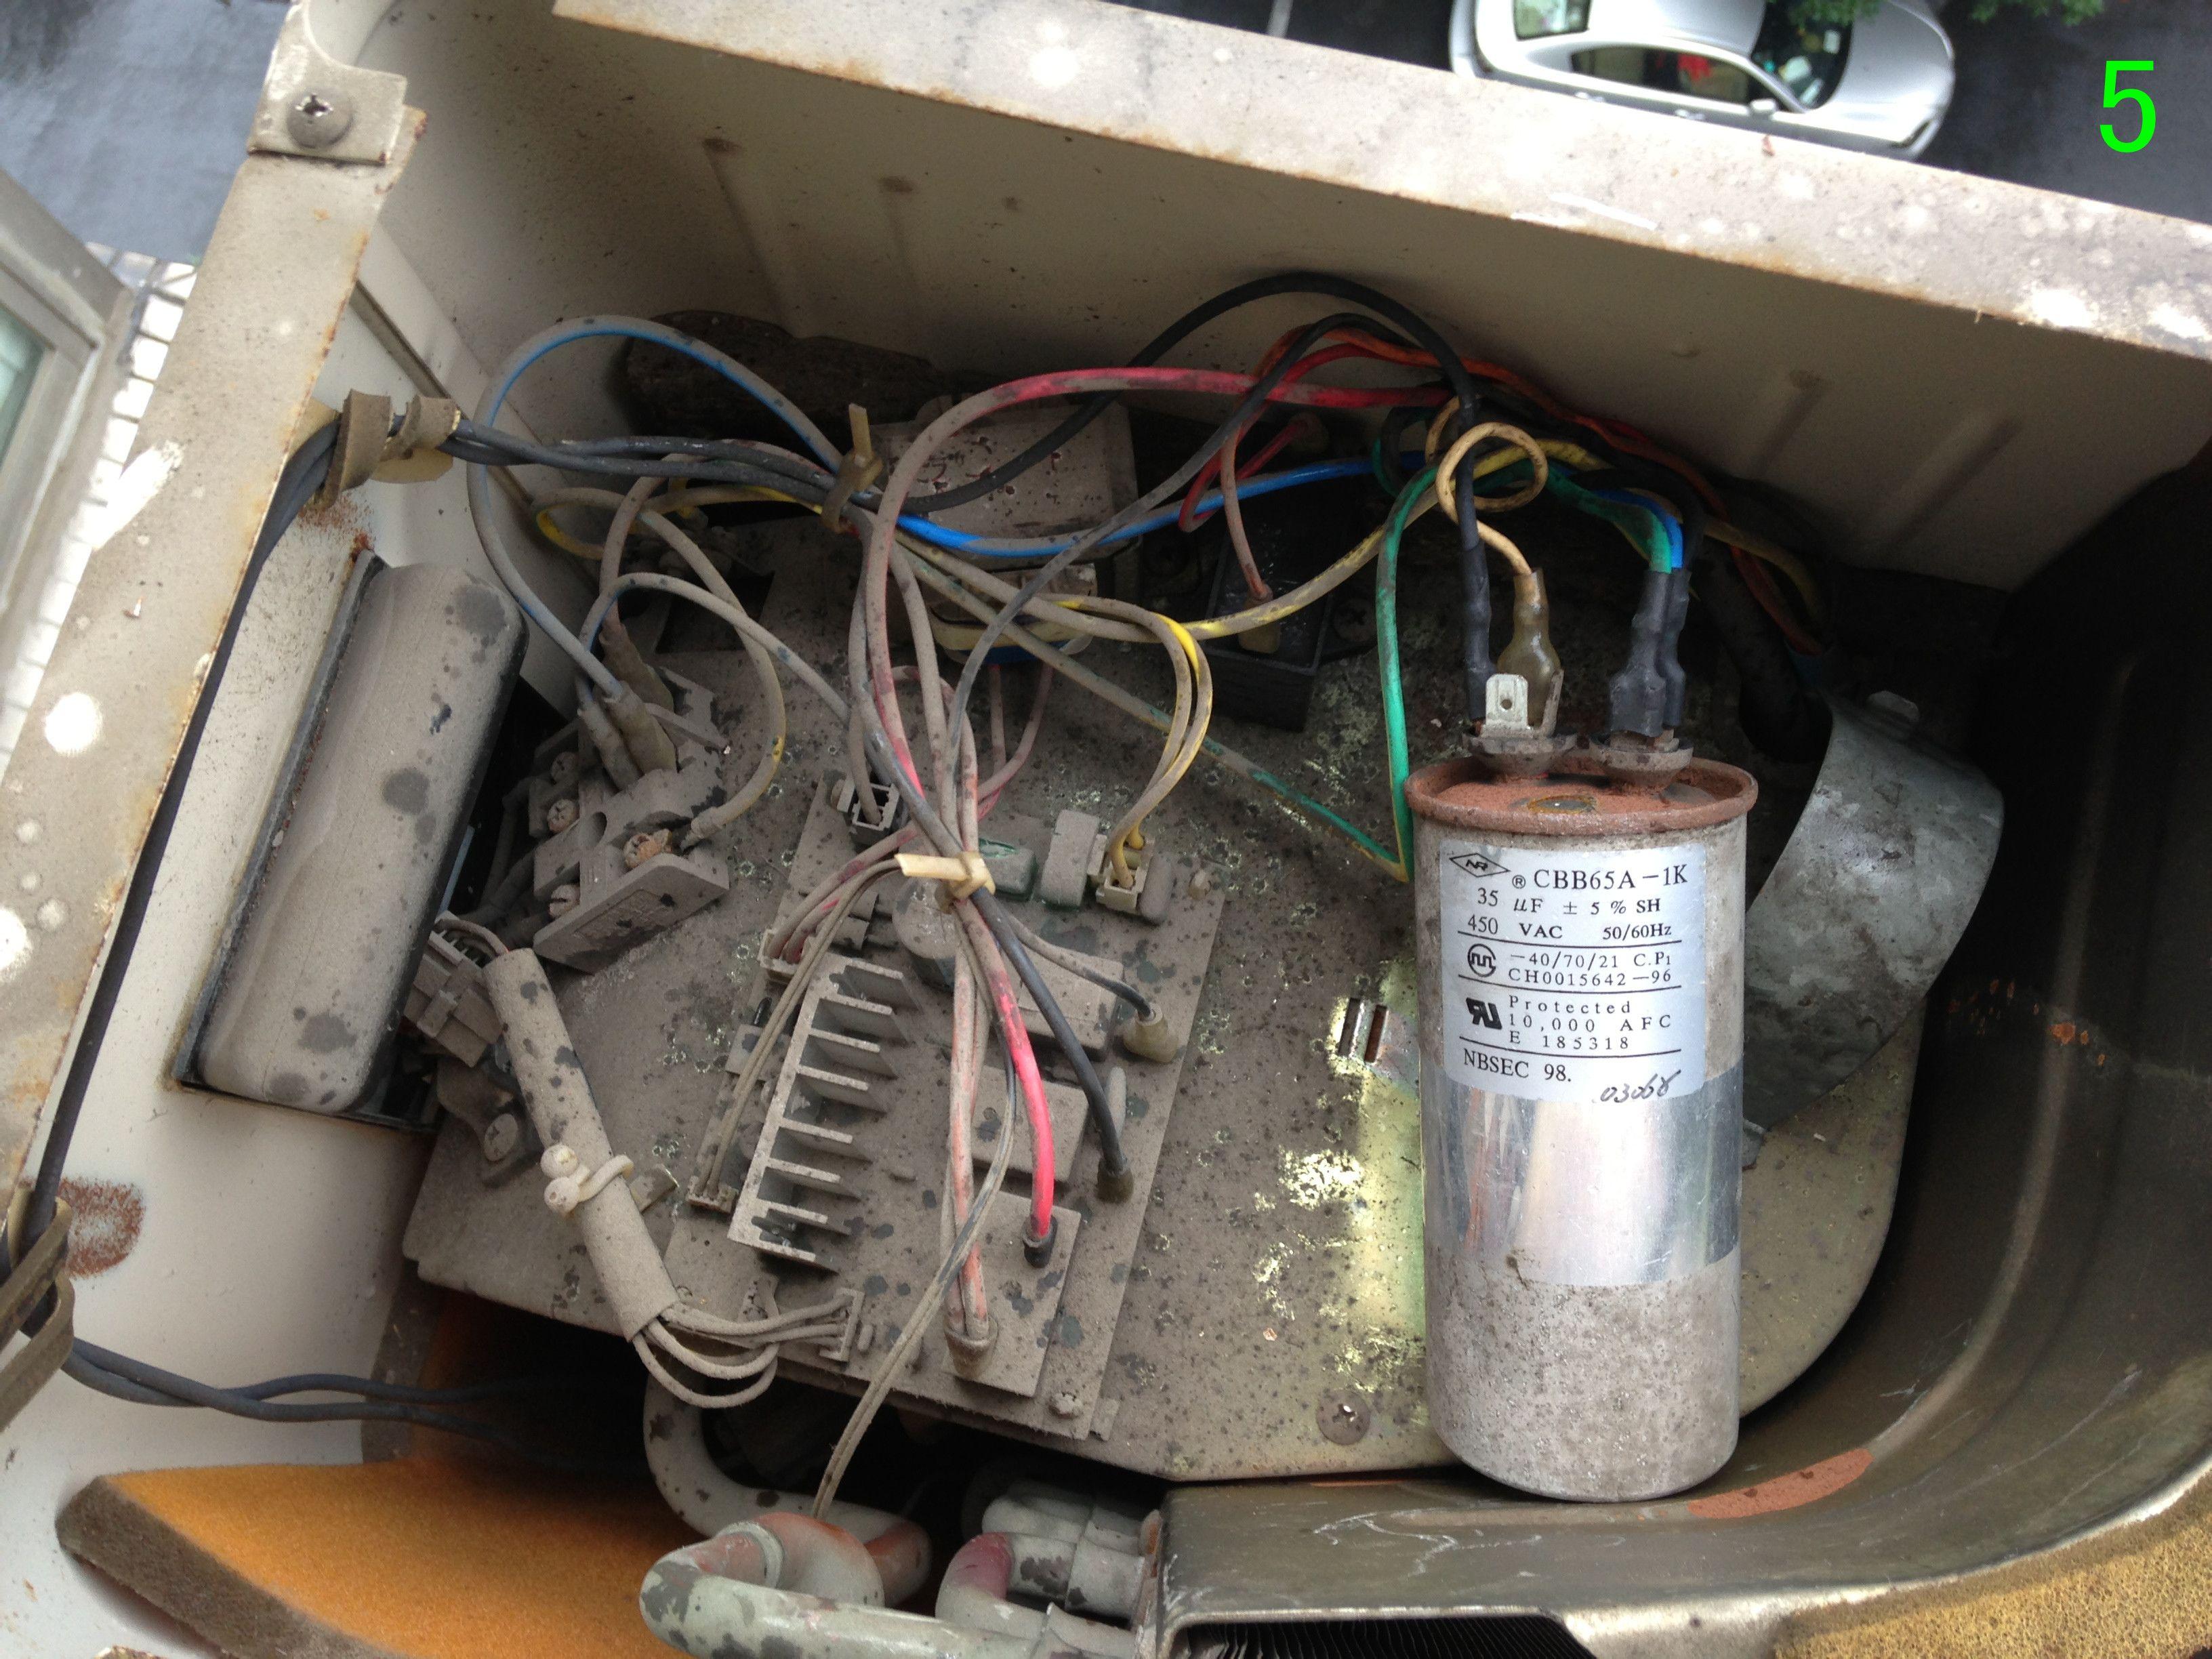 空调外机的电容坏了,买了新电容(有2个接线柱,6个插头图片